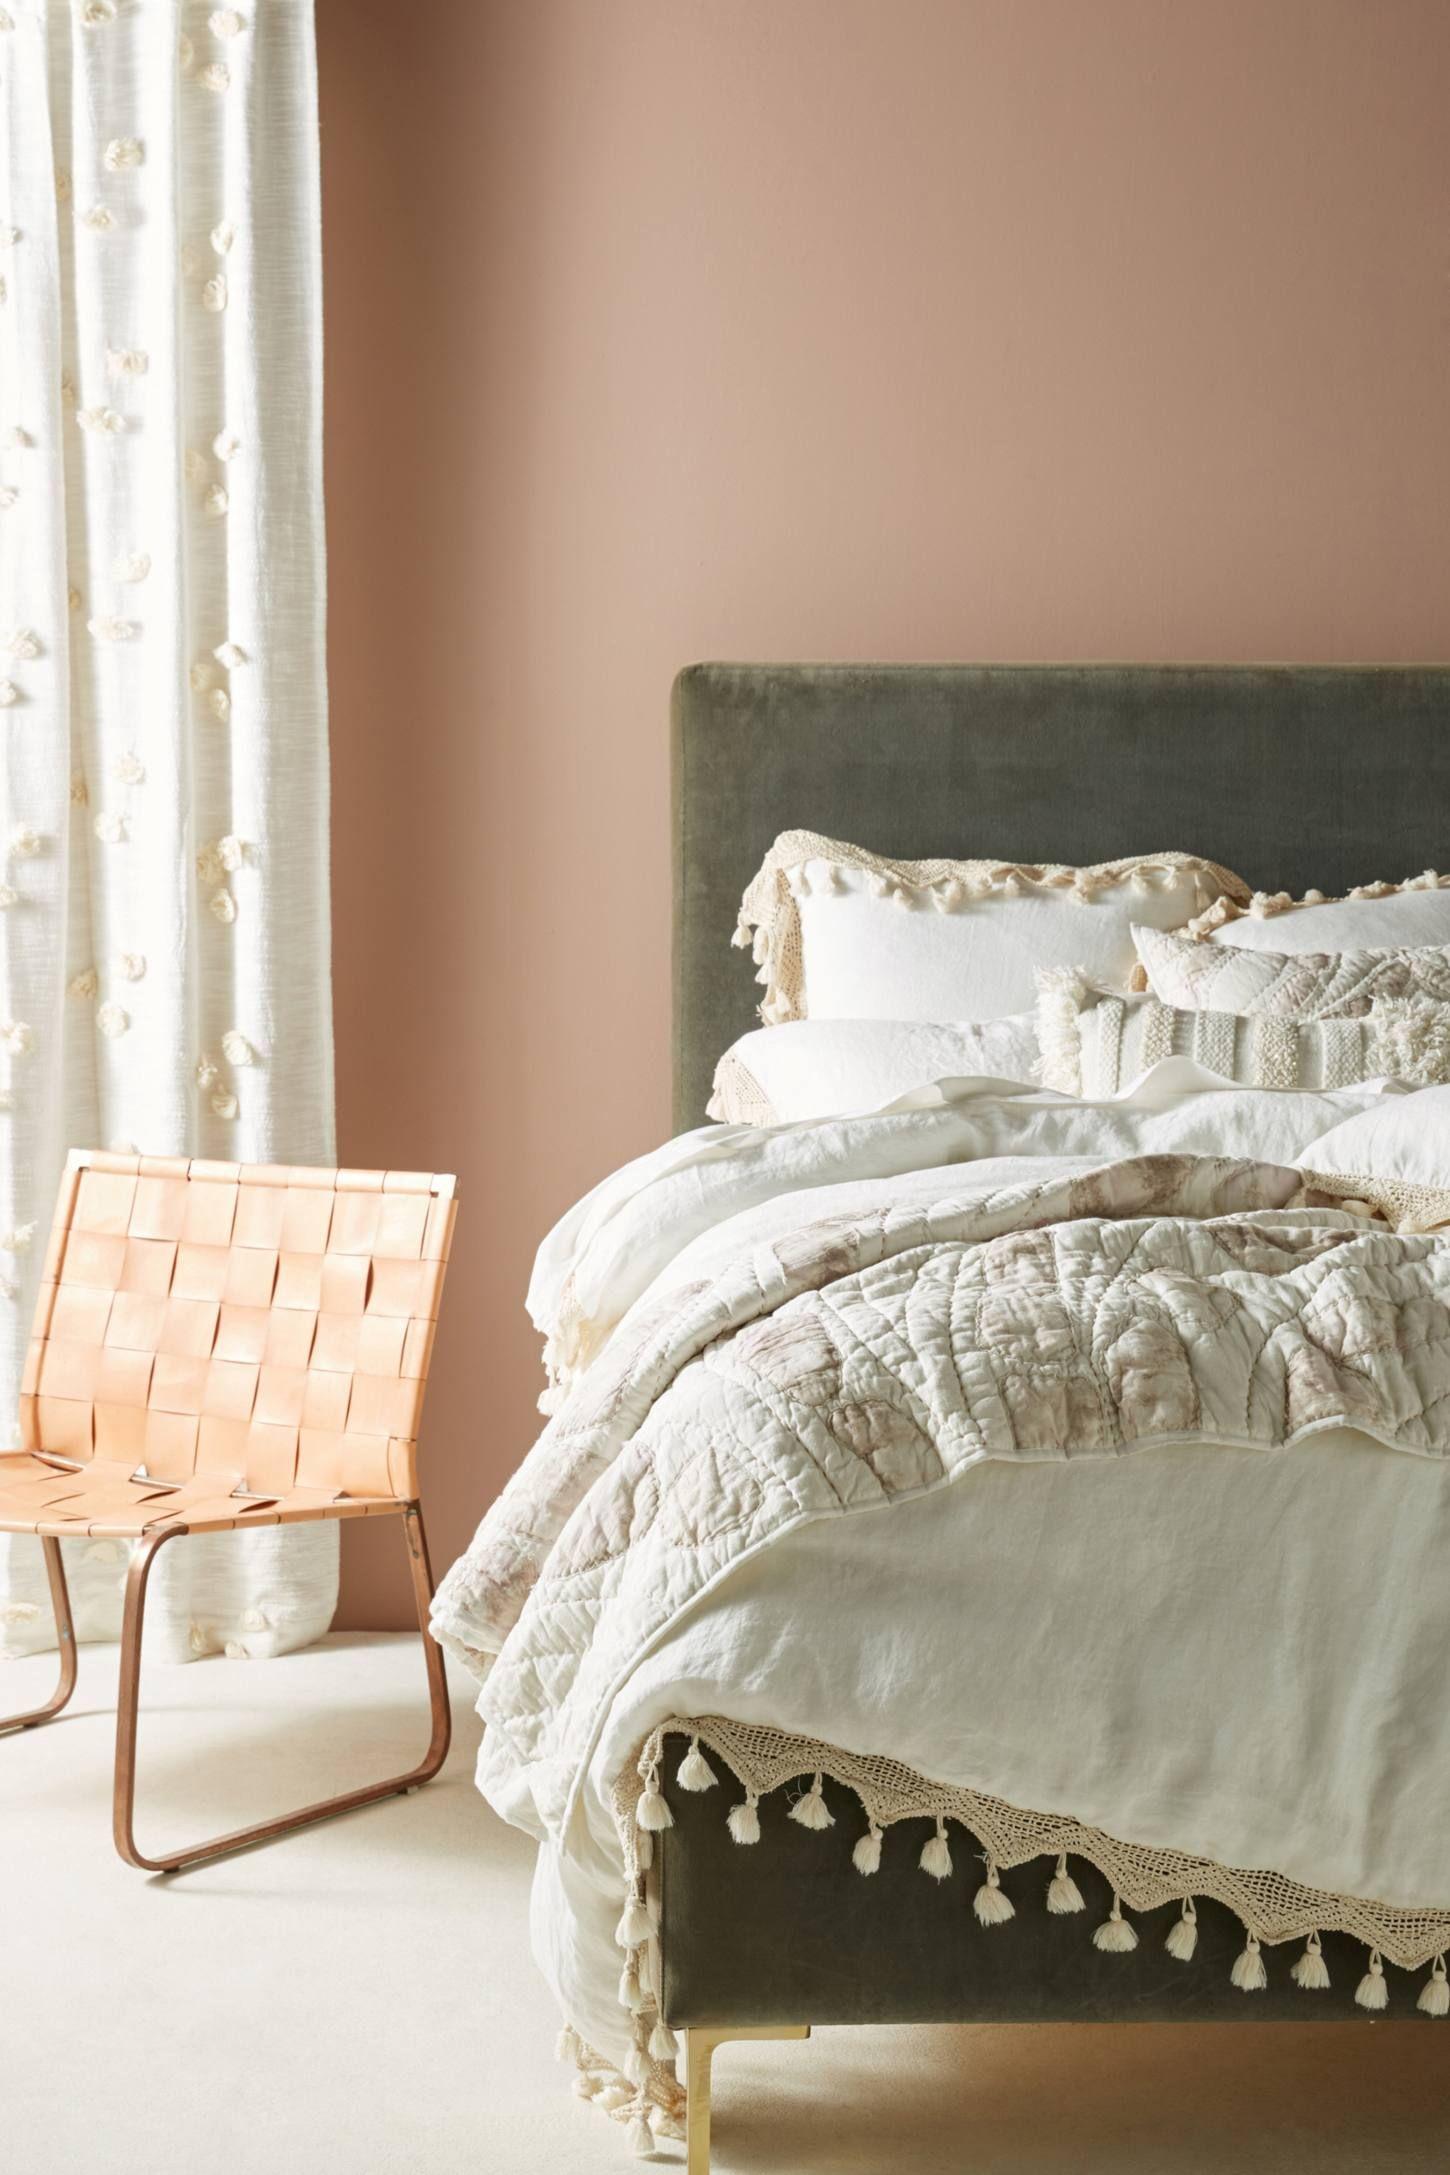 Tasseled Linen Duvet Cover With Images Linen Duvet Covers